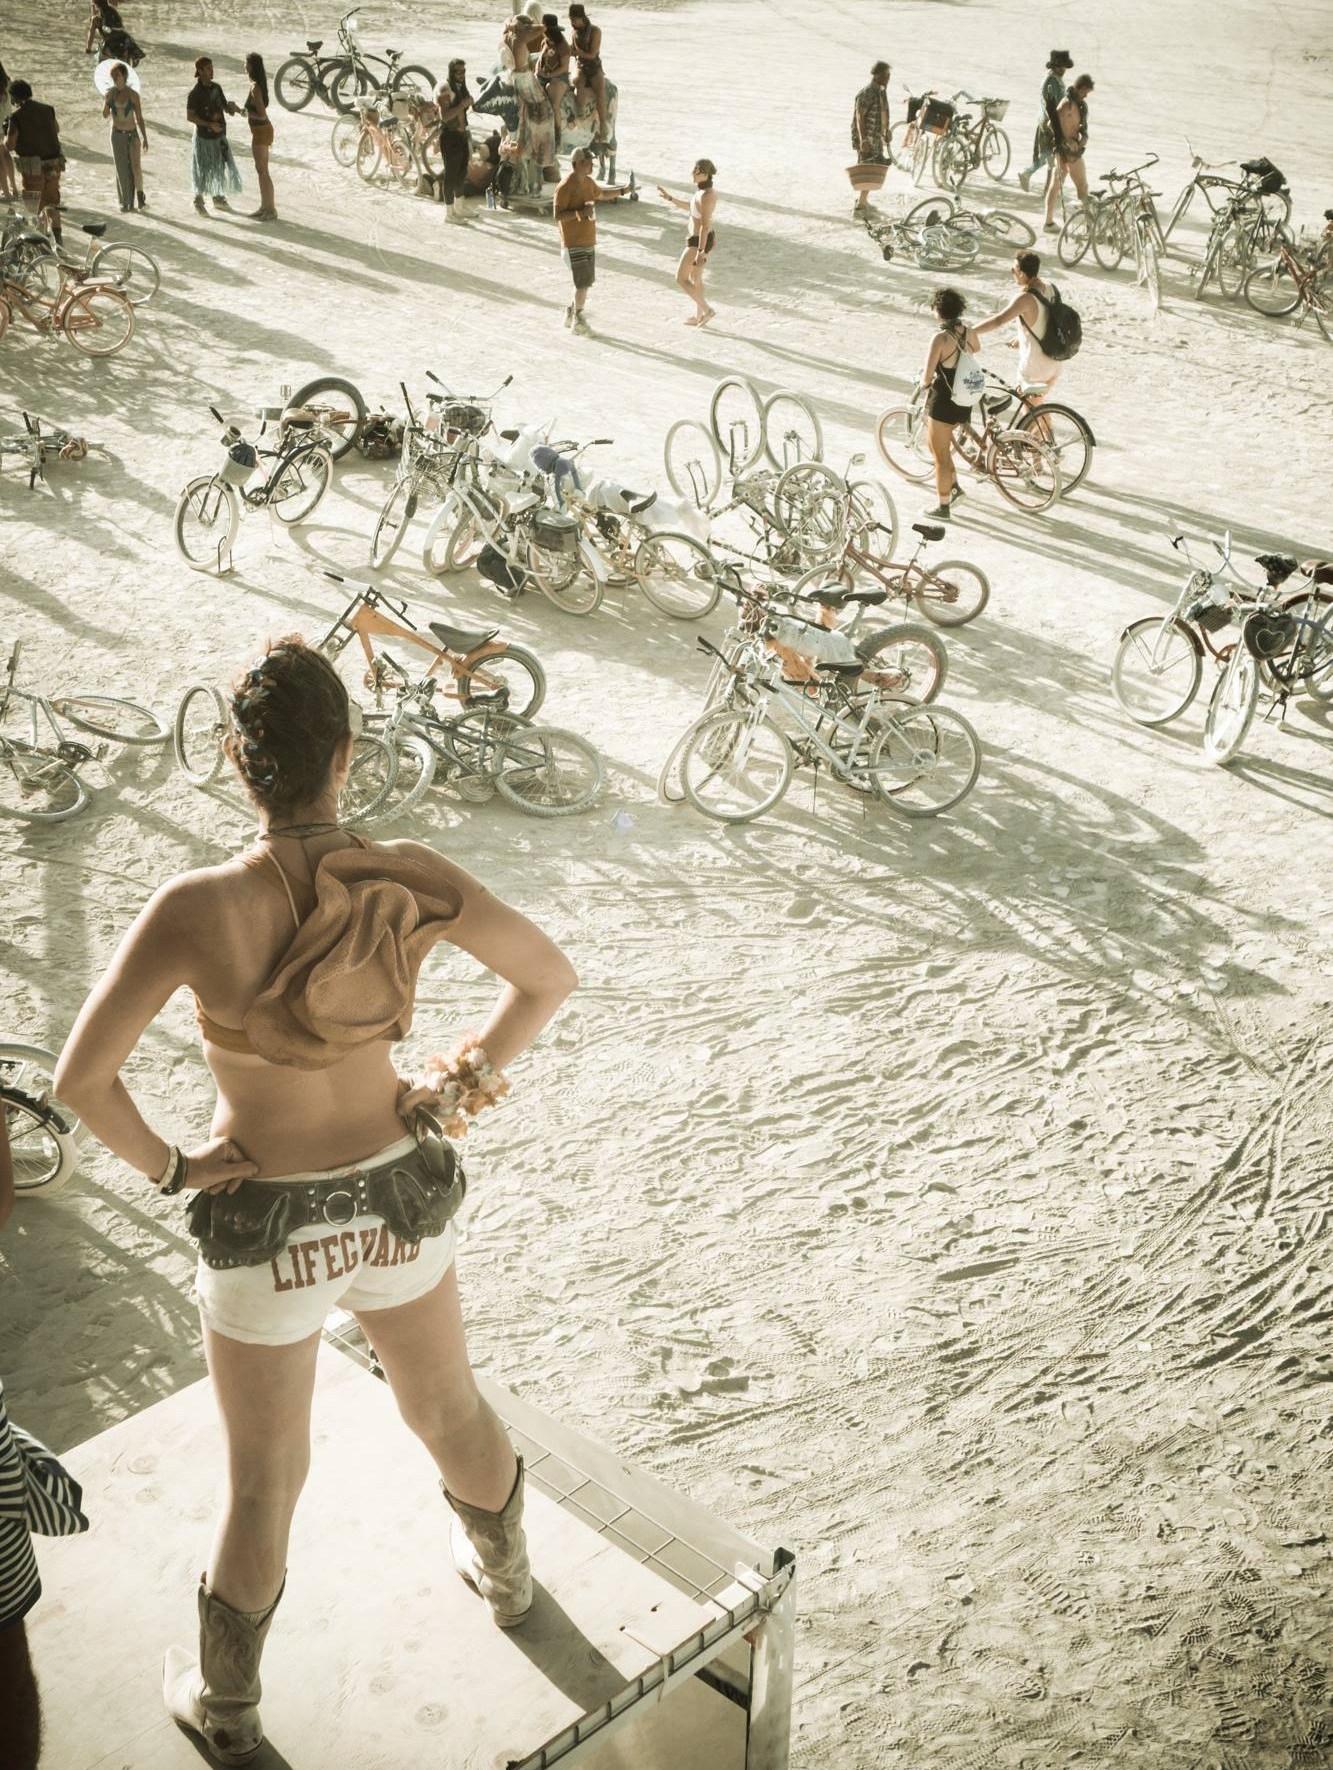 Burning Man lifeguard pose2